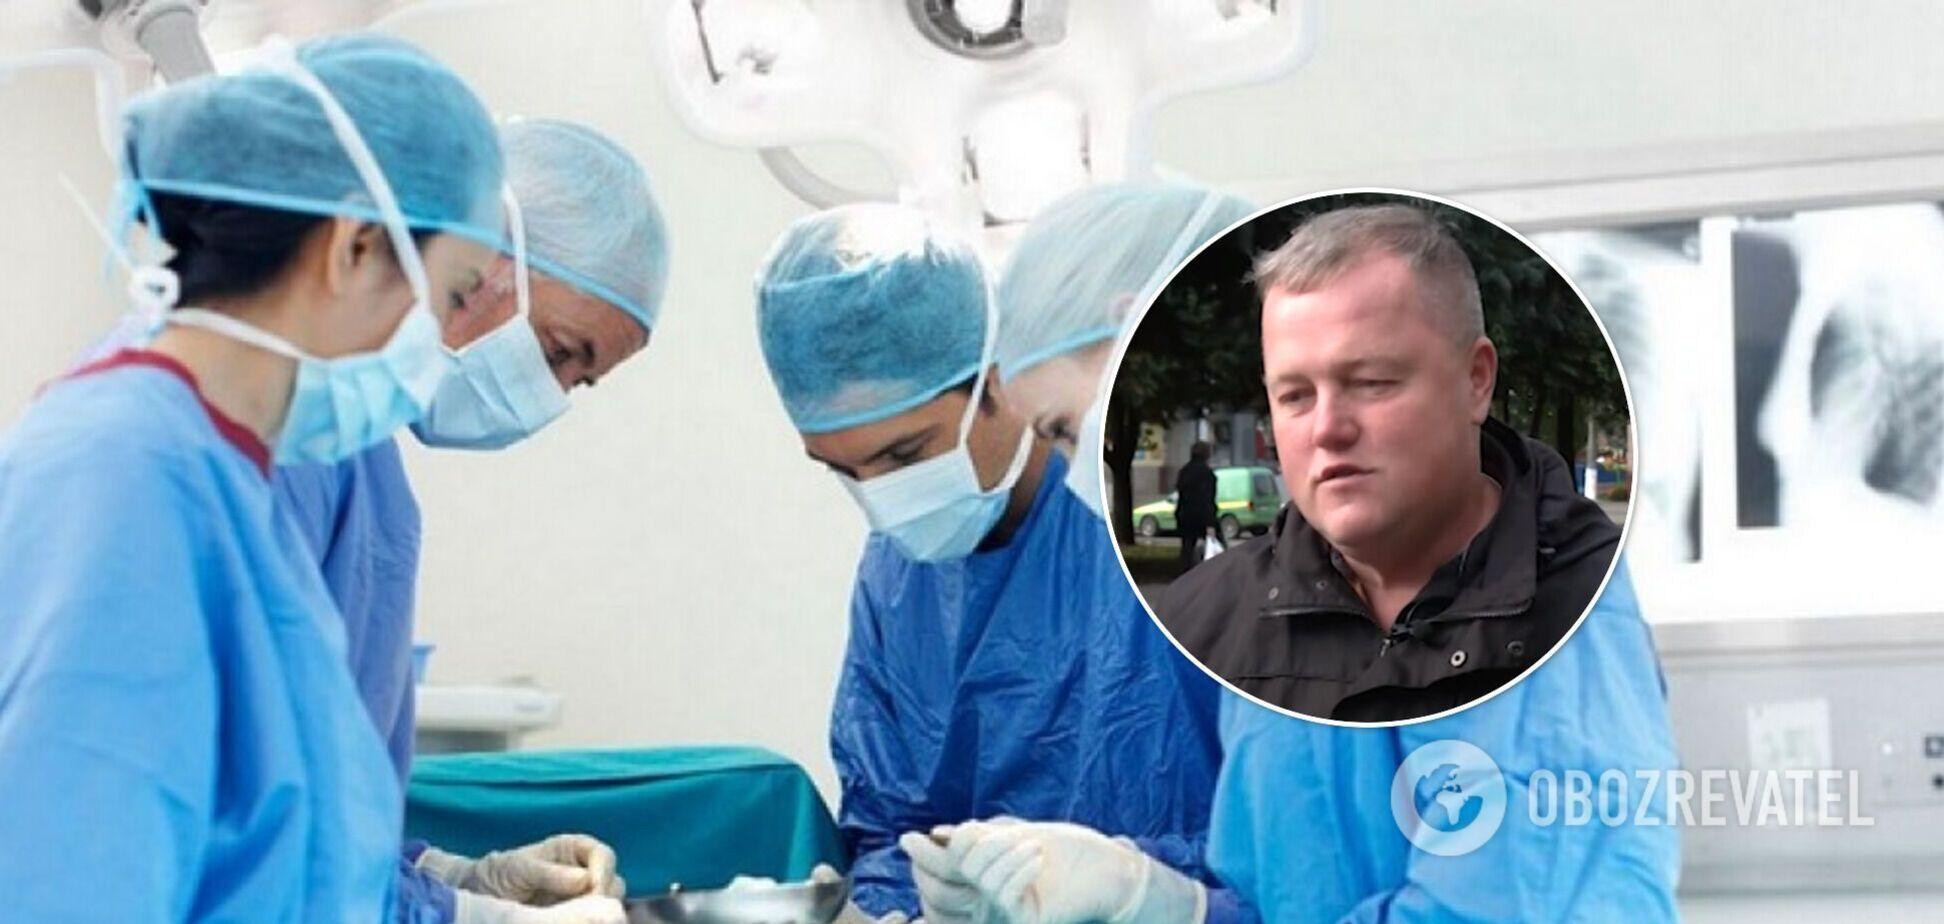 Українець, який отримав донорське серце, розповів, як почувається через 9 місяців після операції. Відео